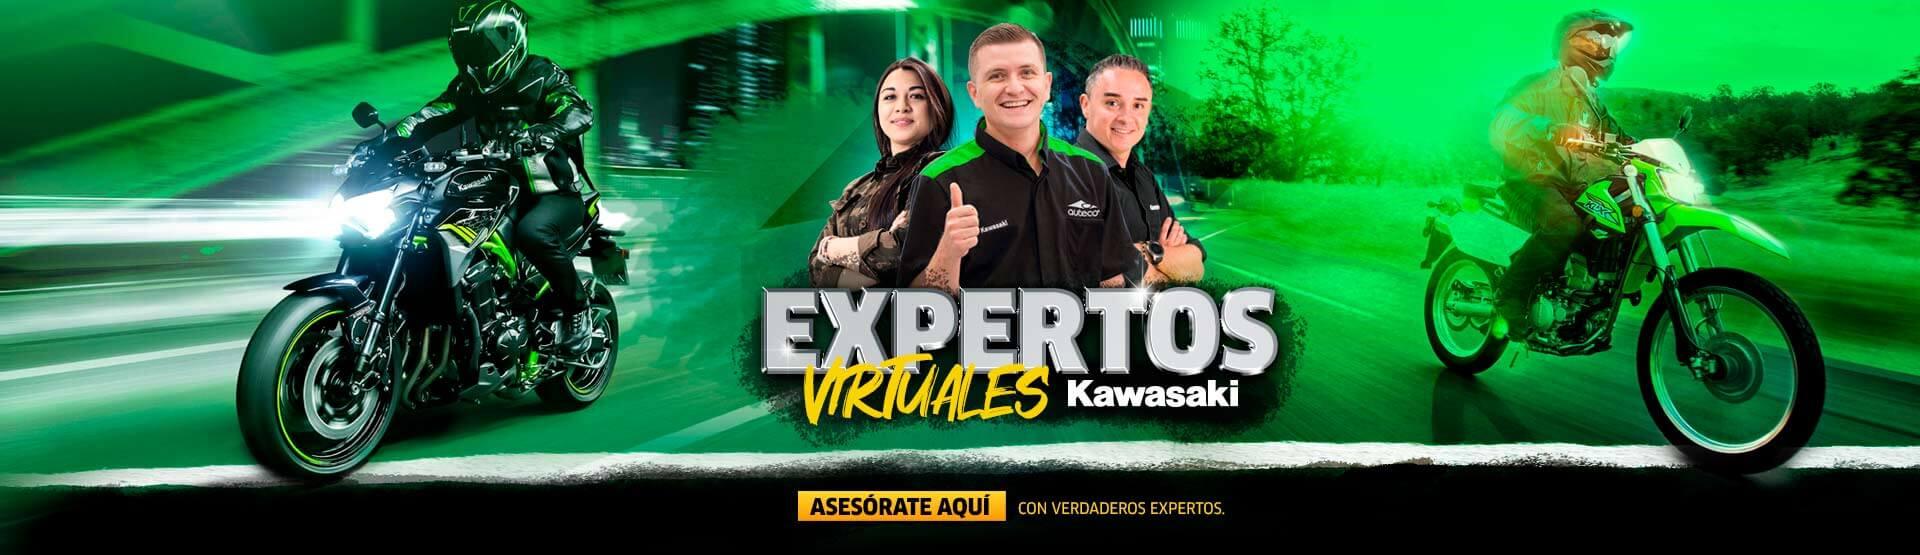 Expertos - Kawasaki